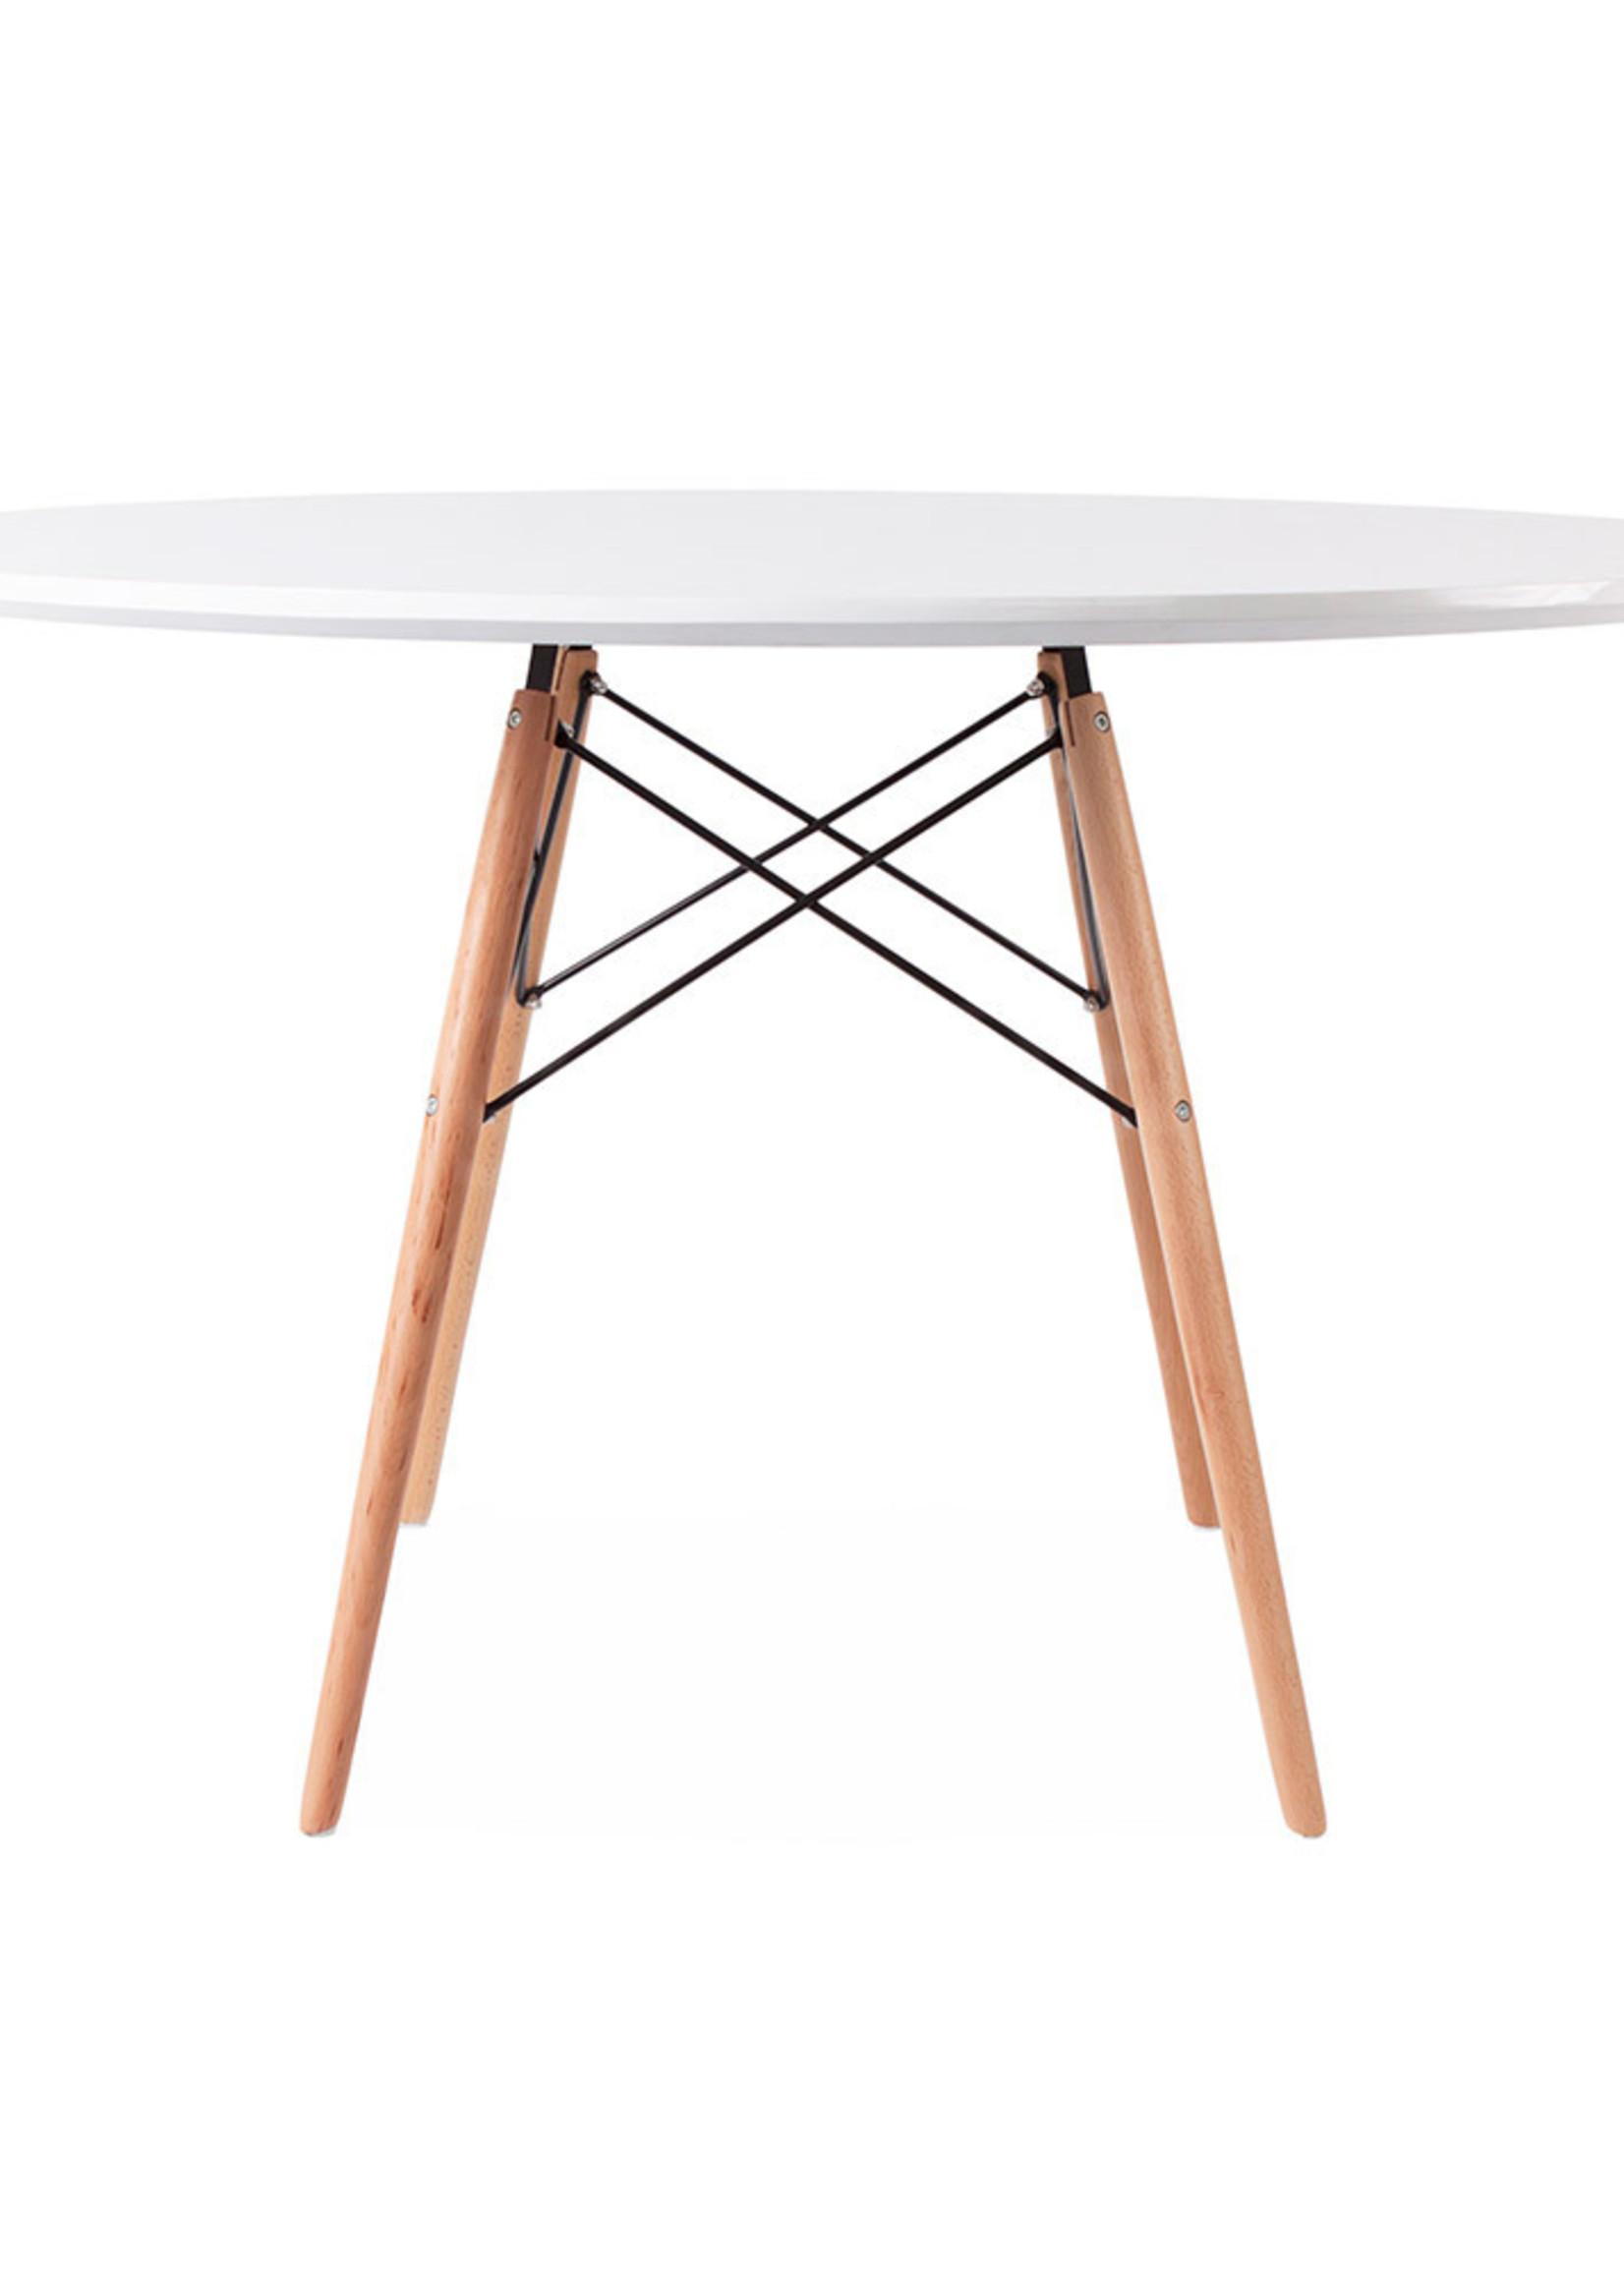 WDW Eames tables White